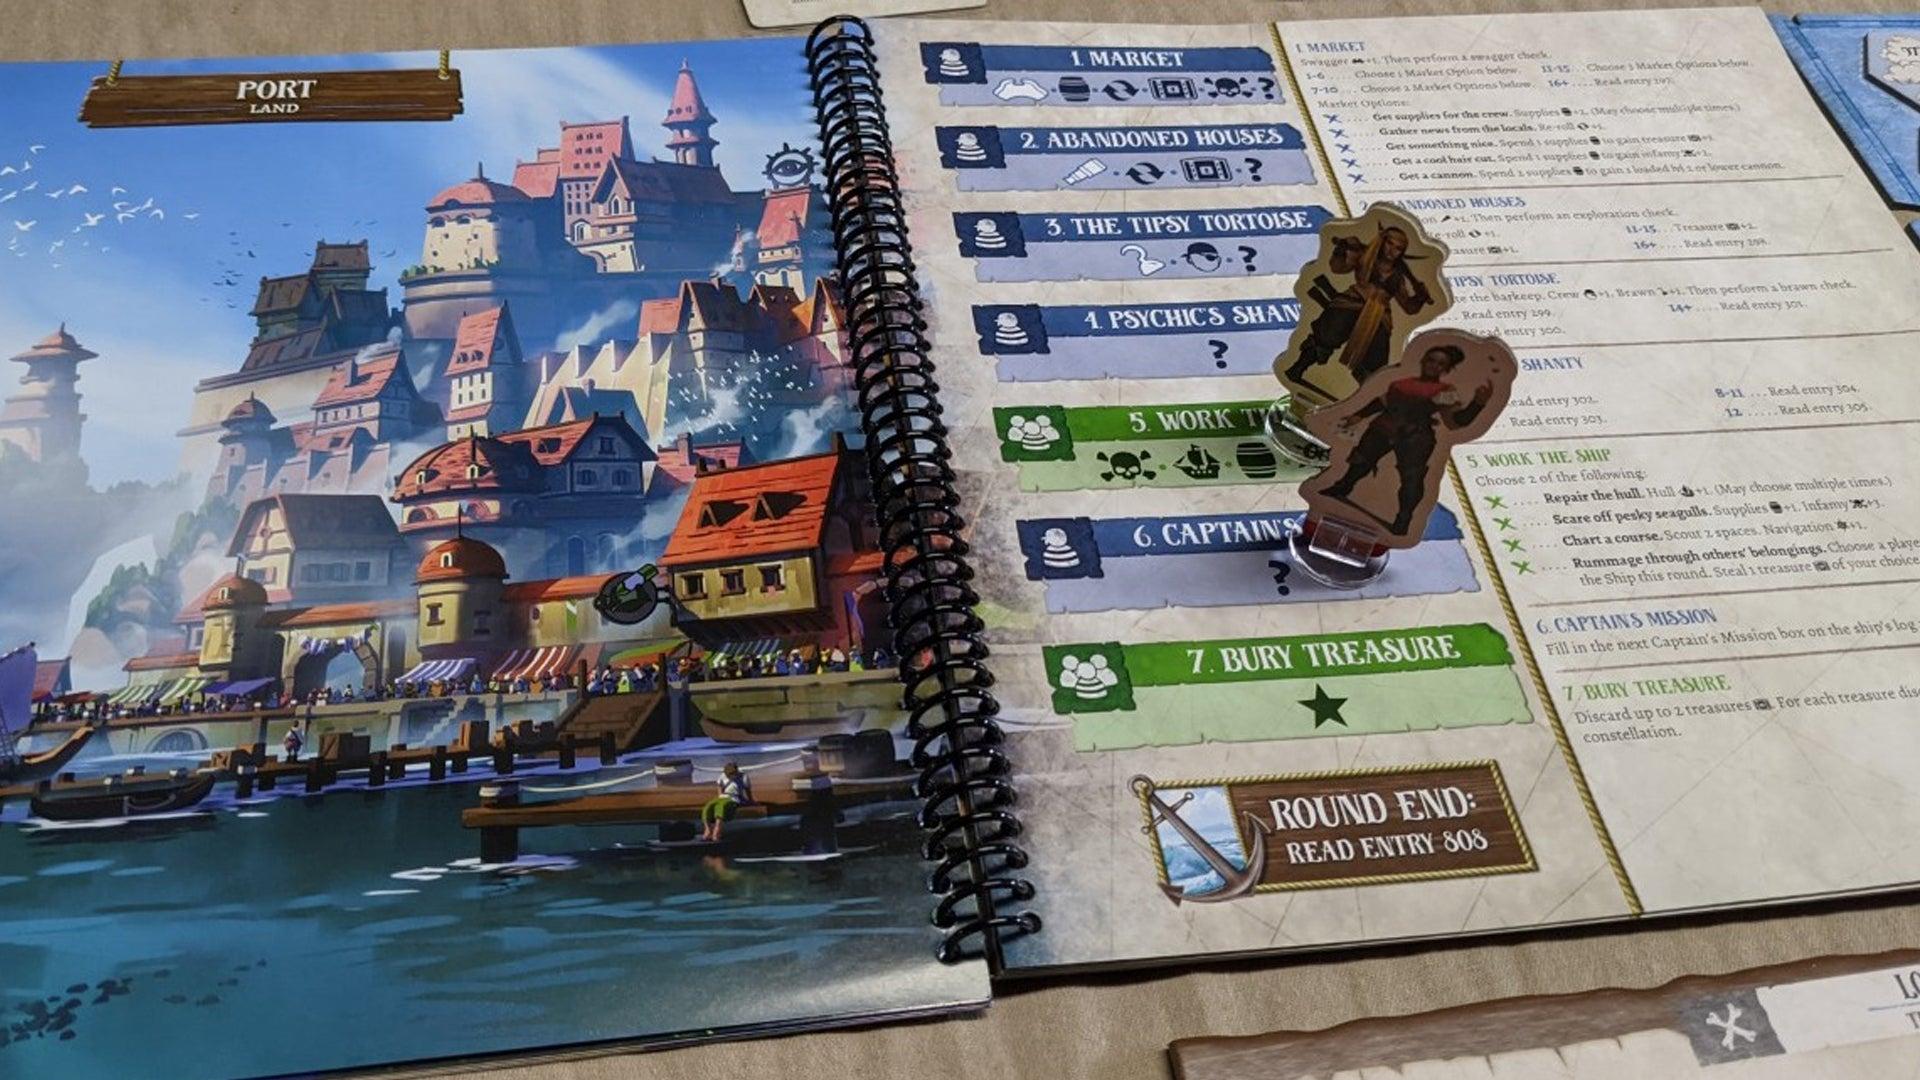 forgotten-waters-board-game-storybook.jpg